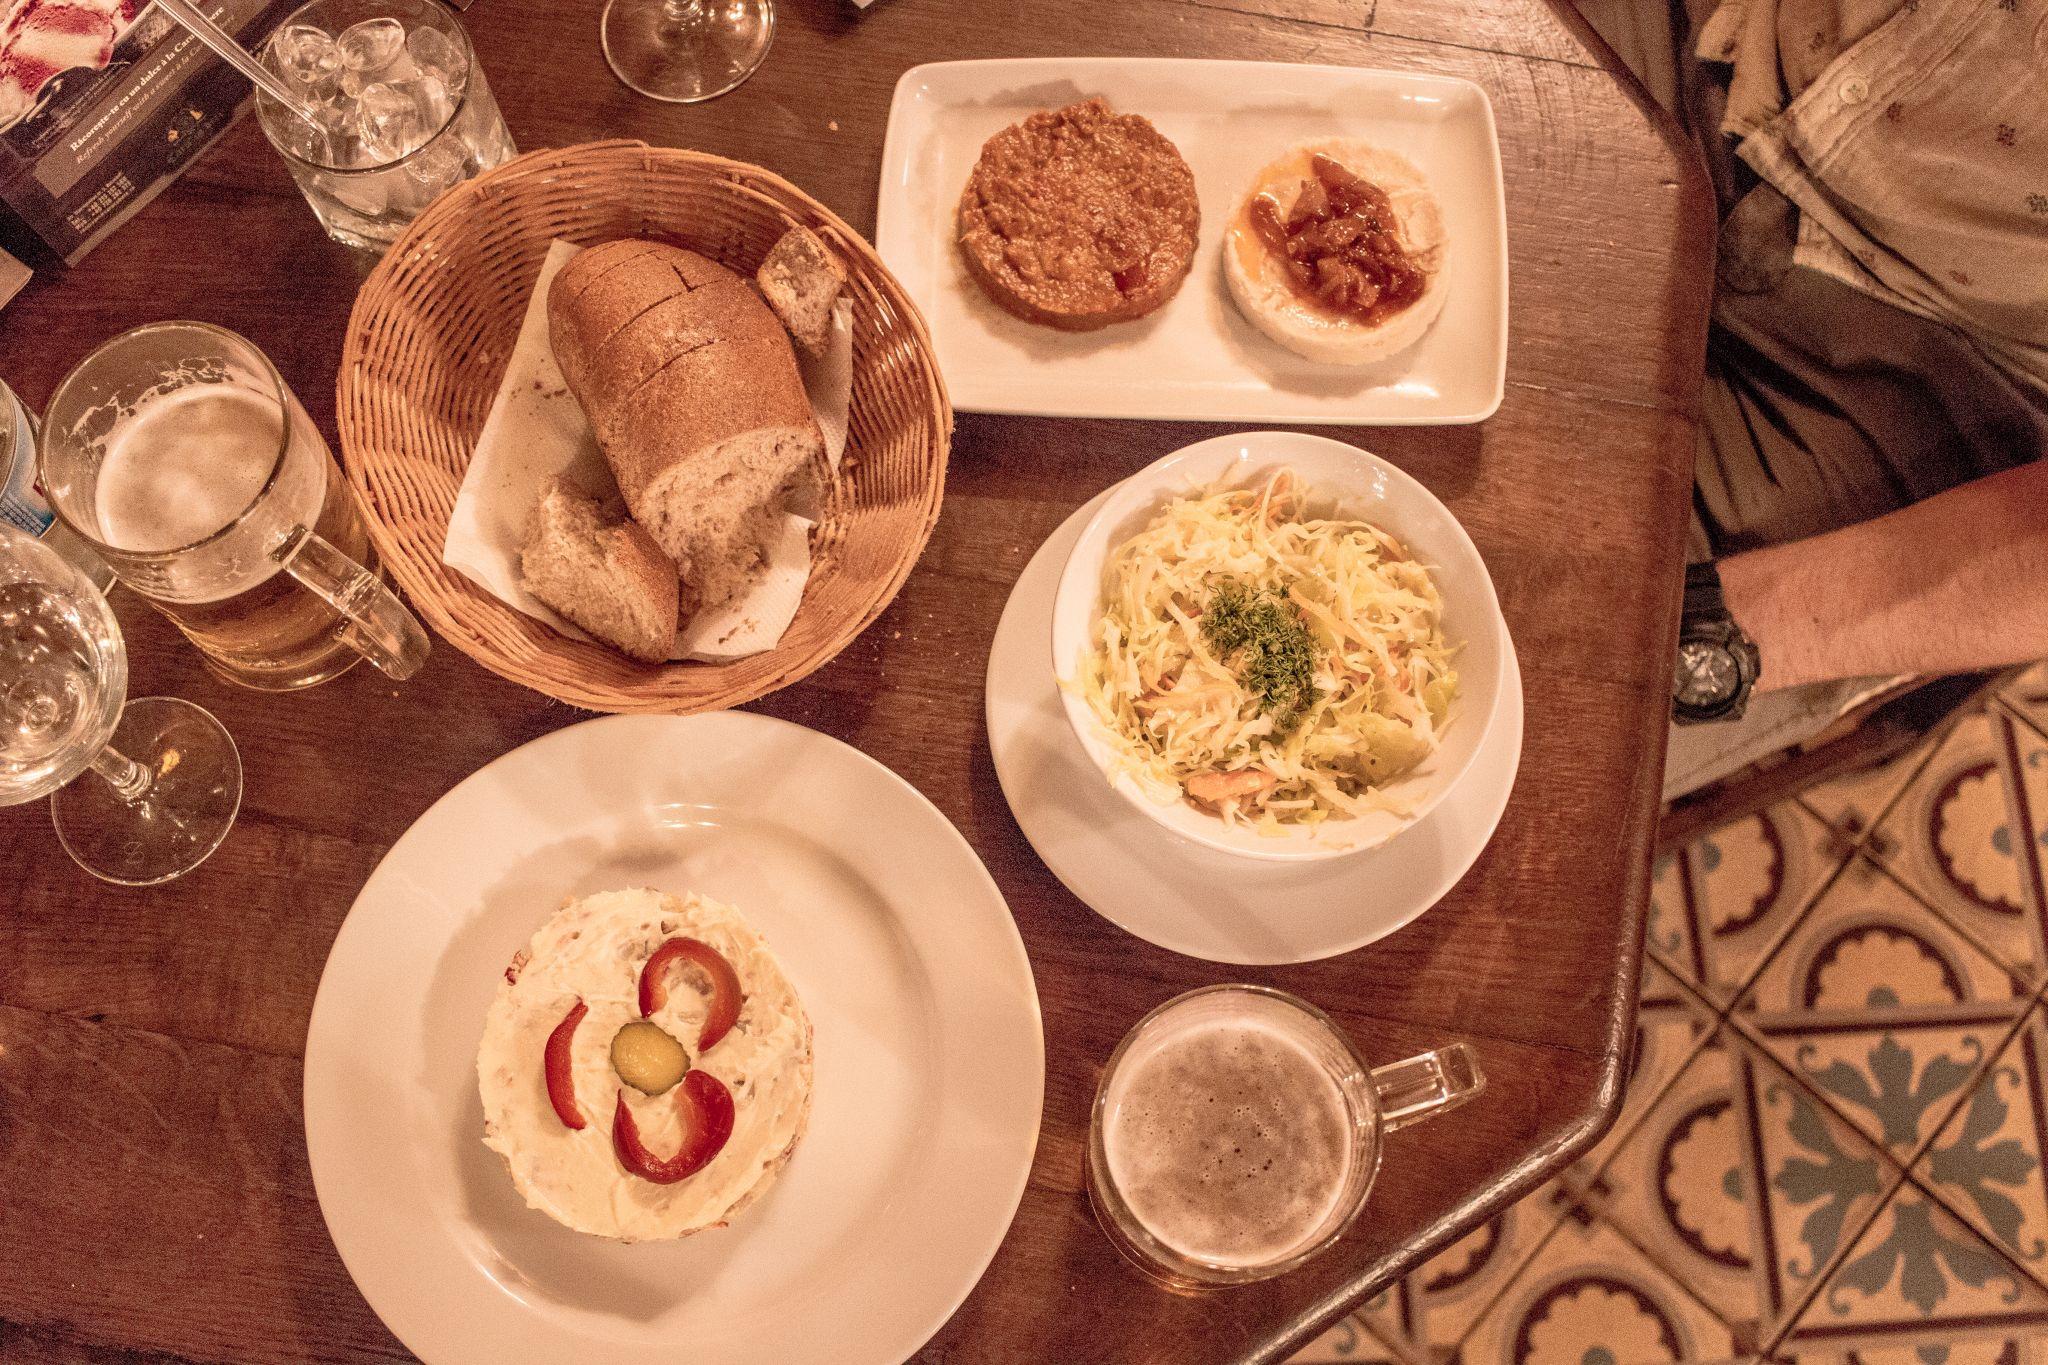 Bucharest Travel Guide Caru Cu Bere traditional romania food salat du boef